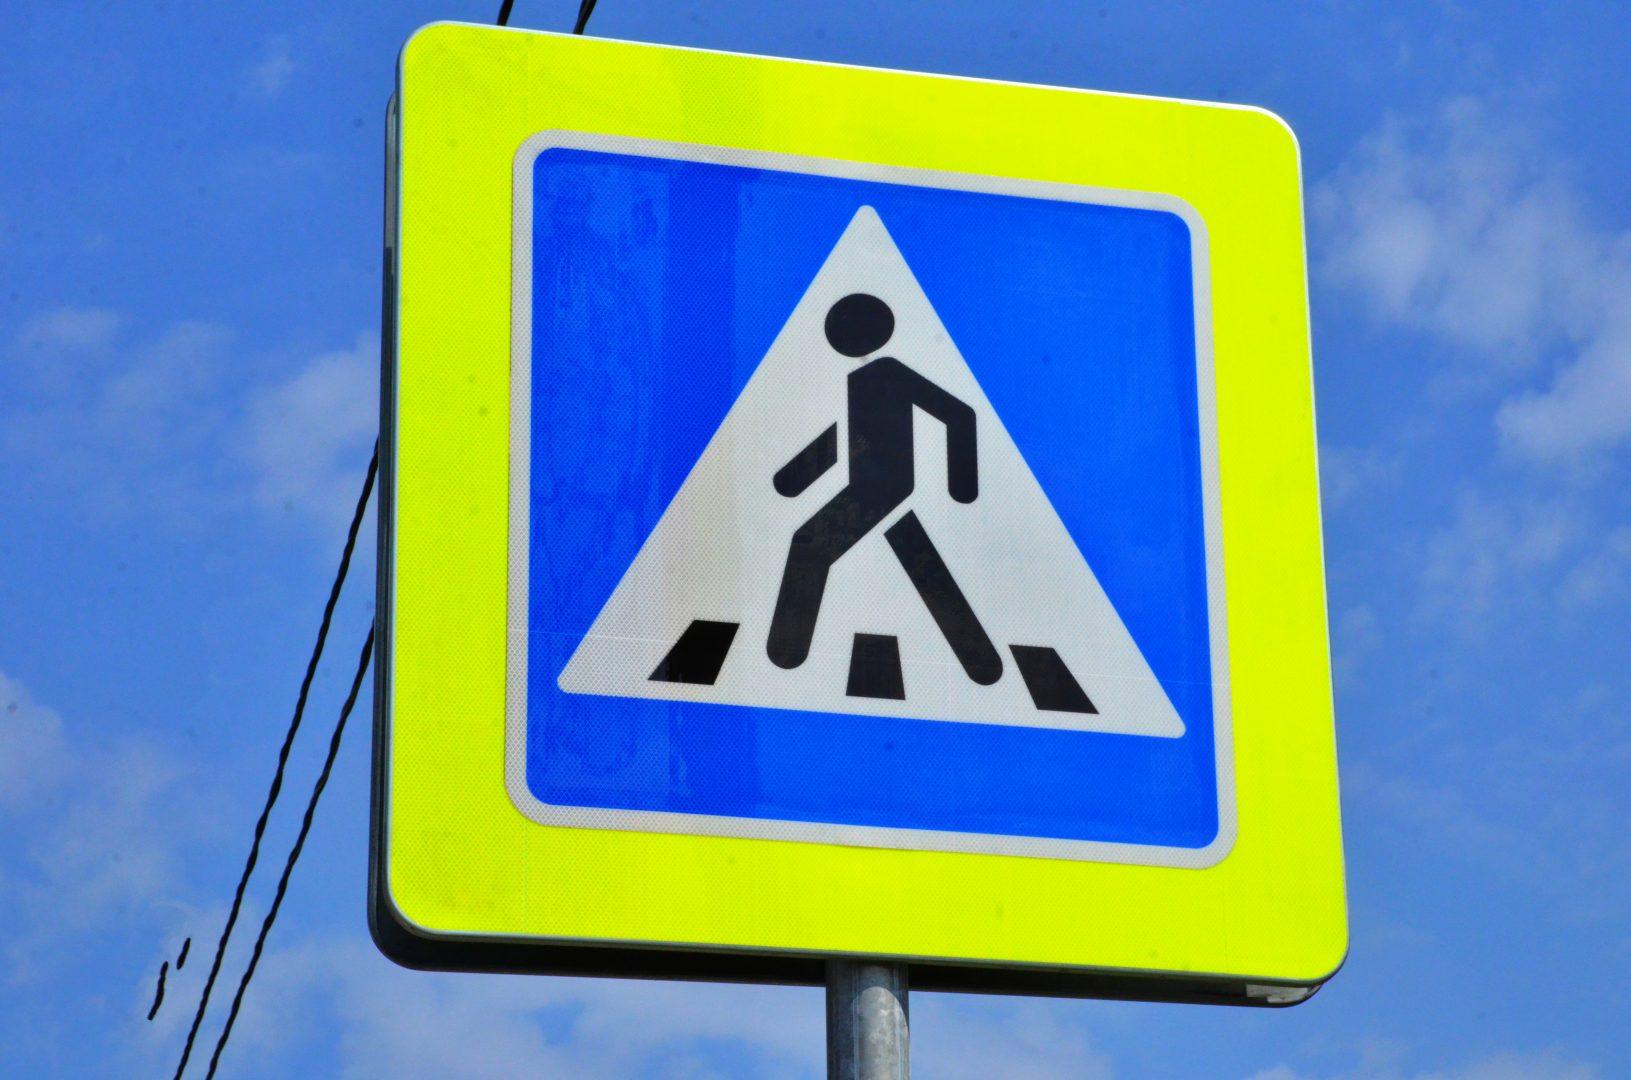 Монтаж дорожных знаков провели в Роговском. Фото: Анна Быкова